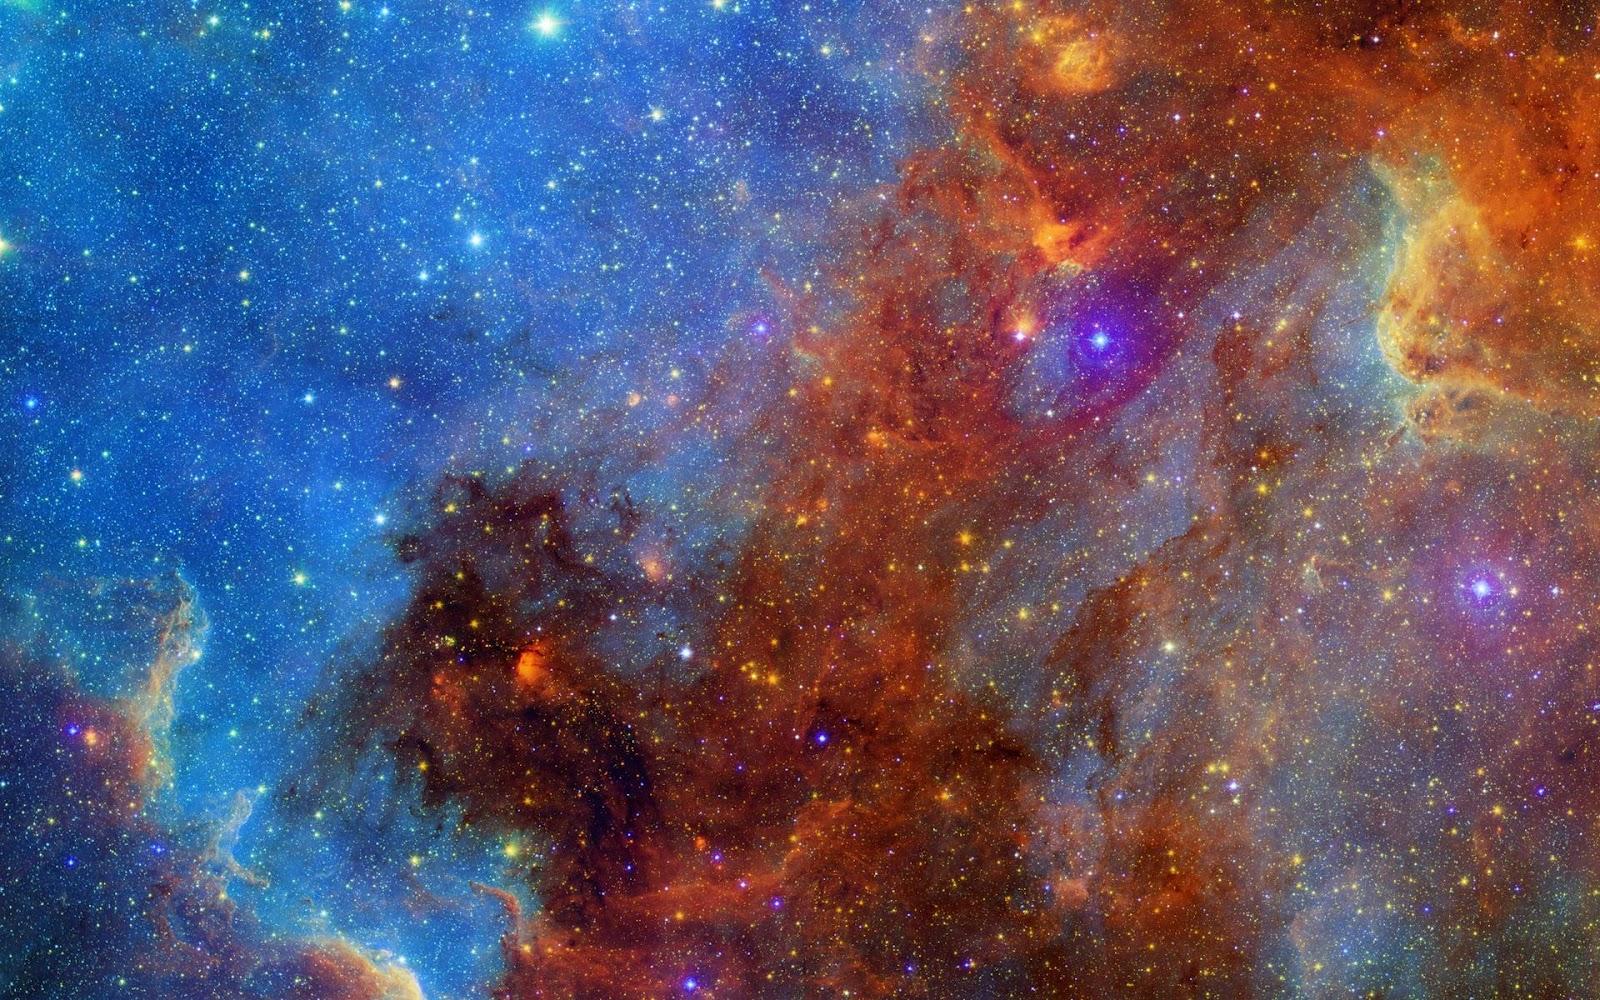 All new pix1 nebula wallpaper 1080p - 1080p nebula wallpaper ...